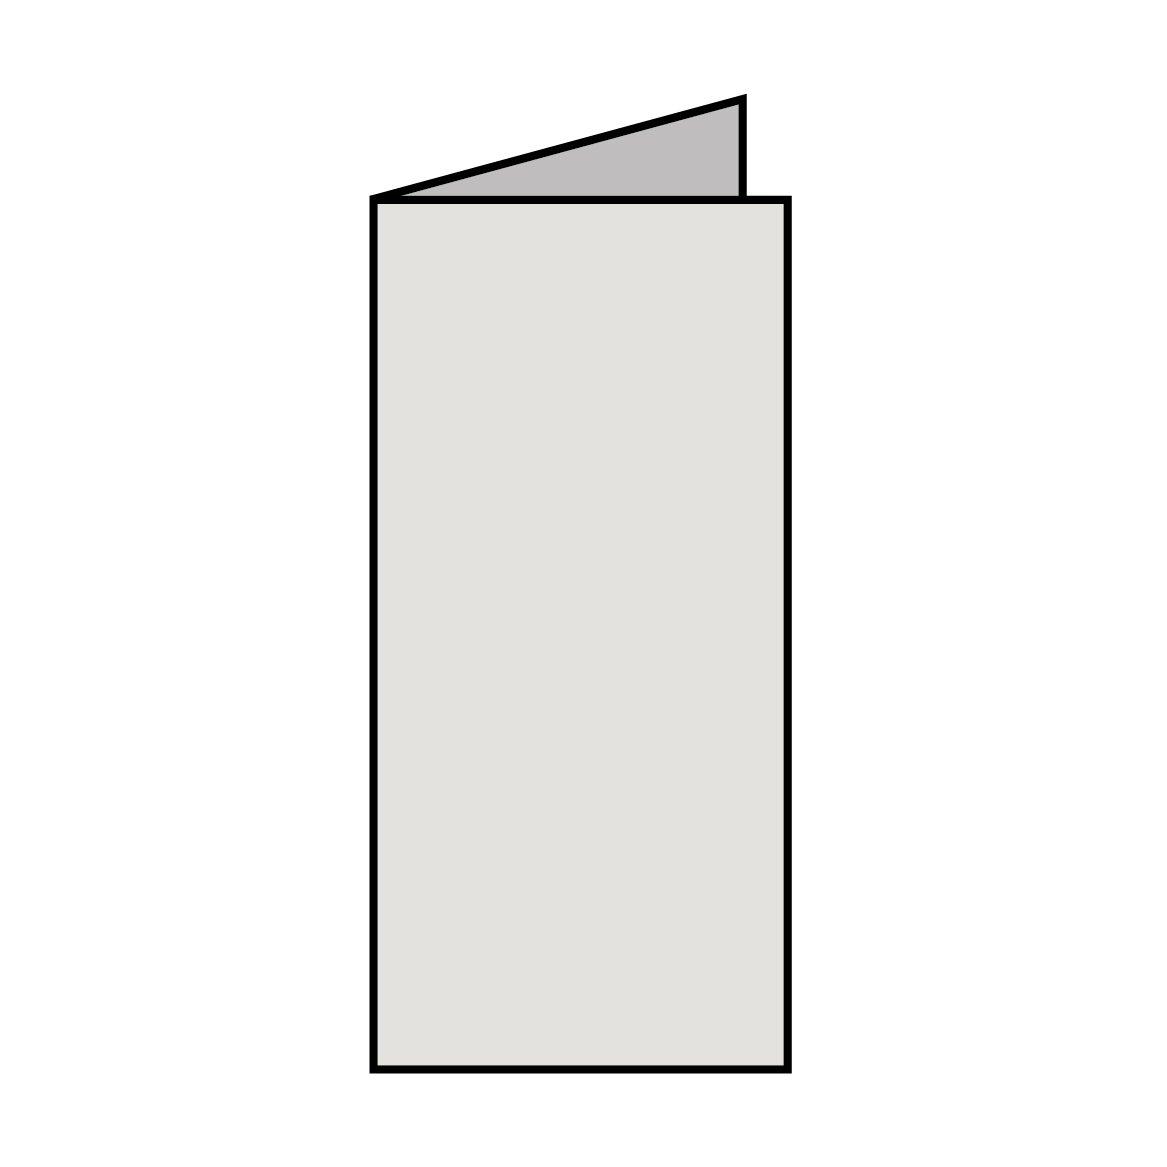 Rössler Papier - - - - Paperado-Karte DL hd, Marble Weiß B07CX8QX6P   Ausgezeichnetes Handwerk  b65148